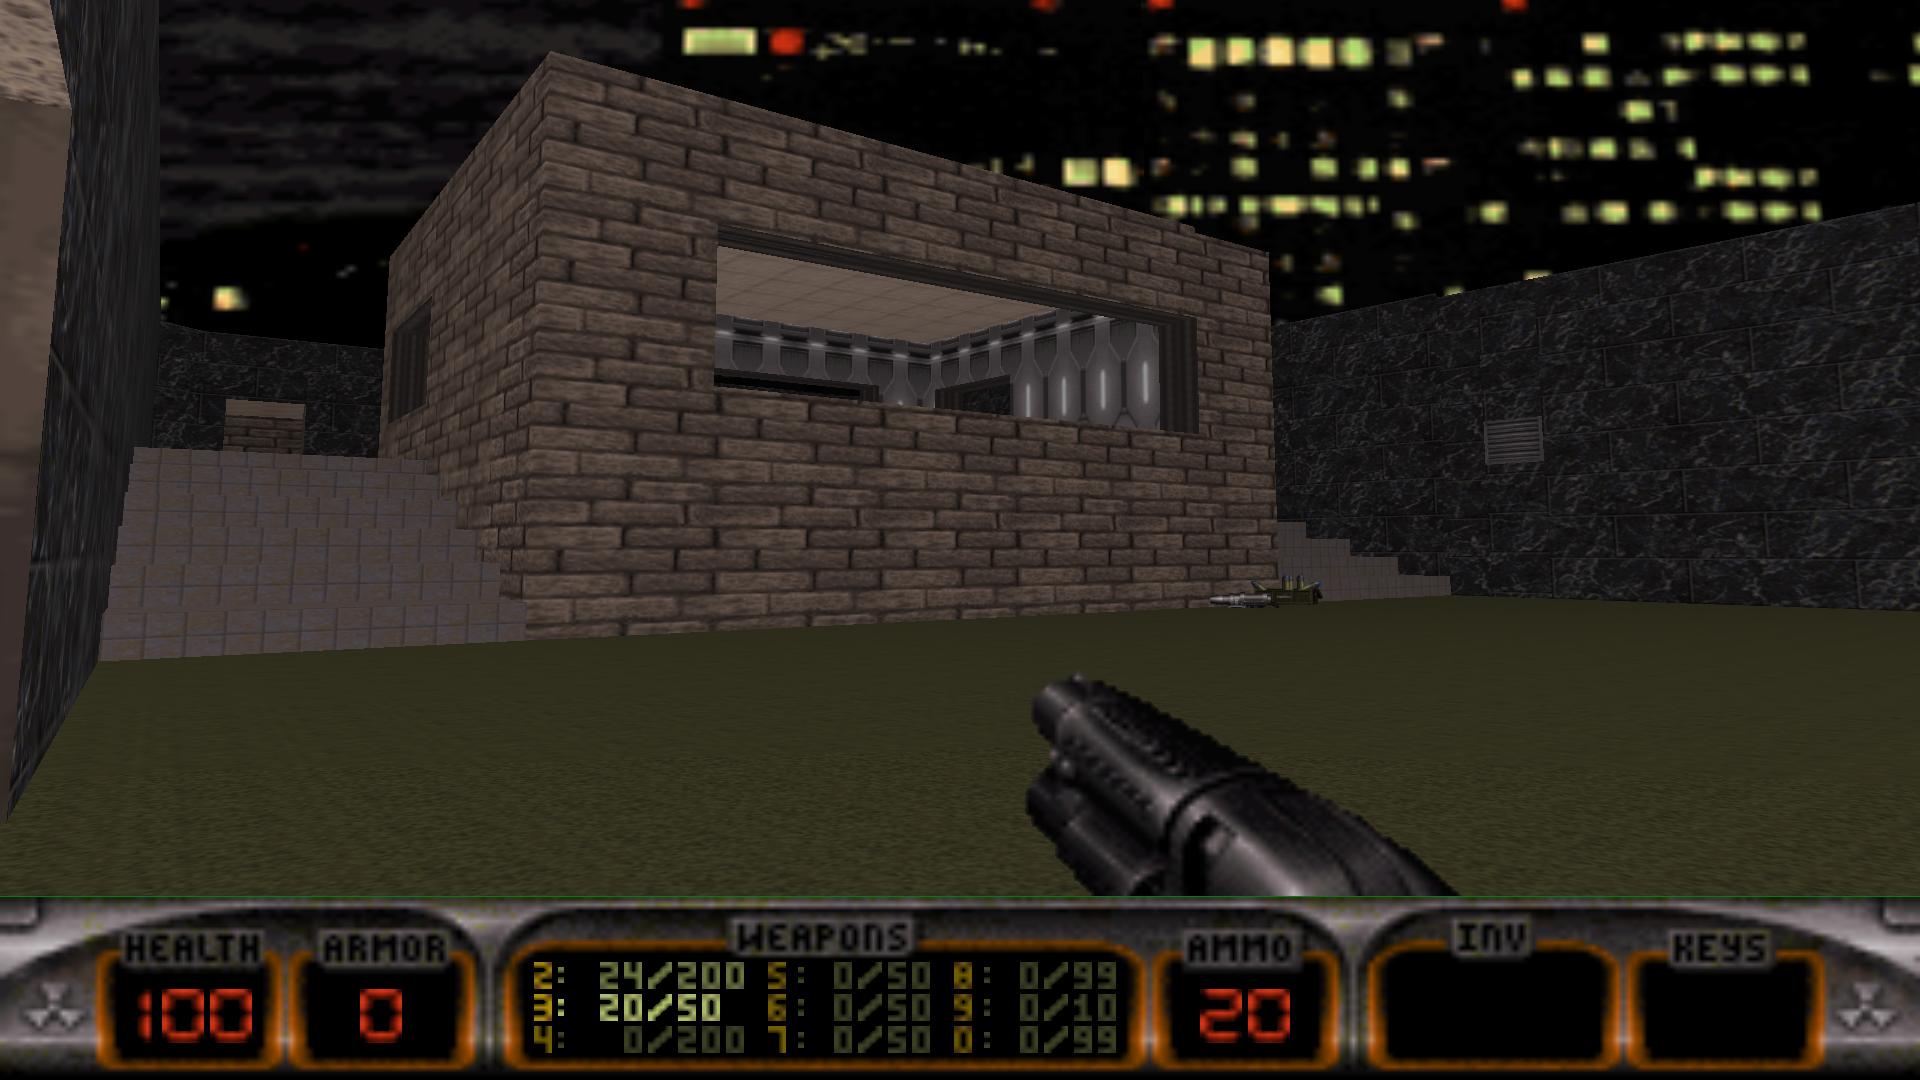 IODanzig Duke Nukem 3D Map